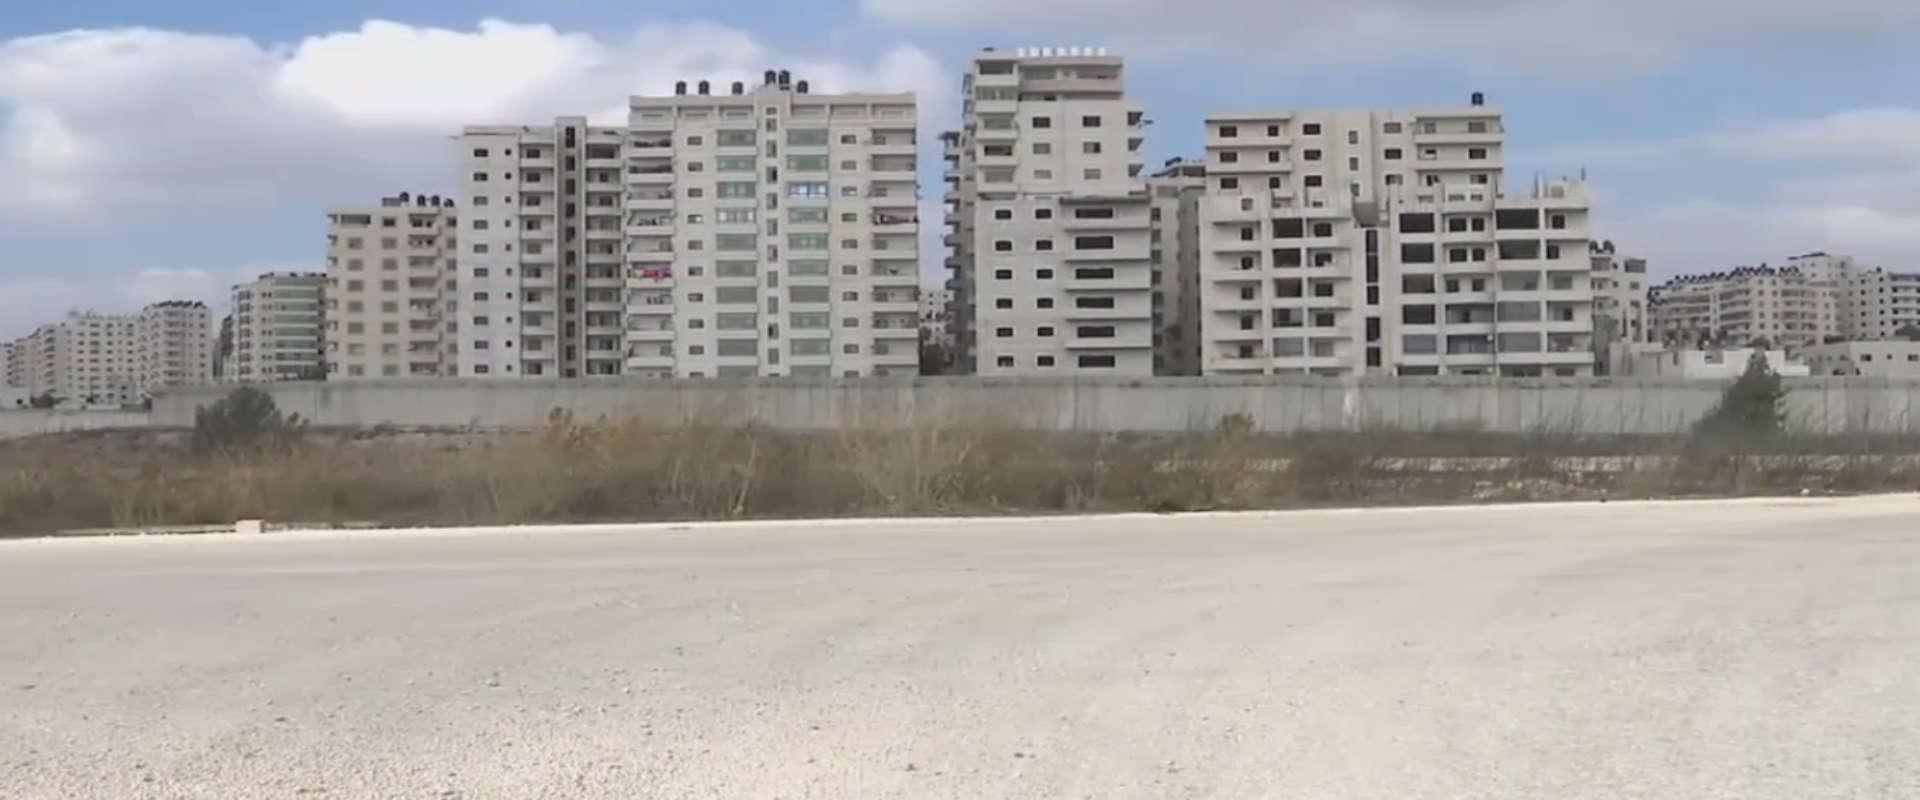 הבניינים המיועדים להריסה בצפון ירושלים